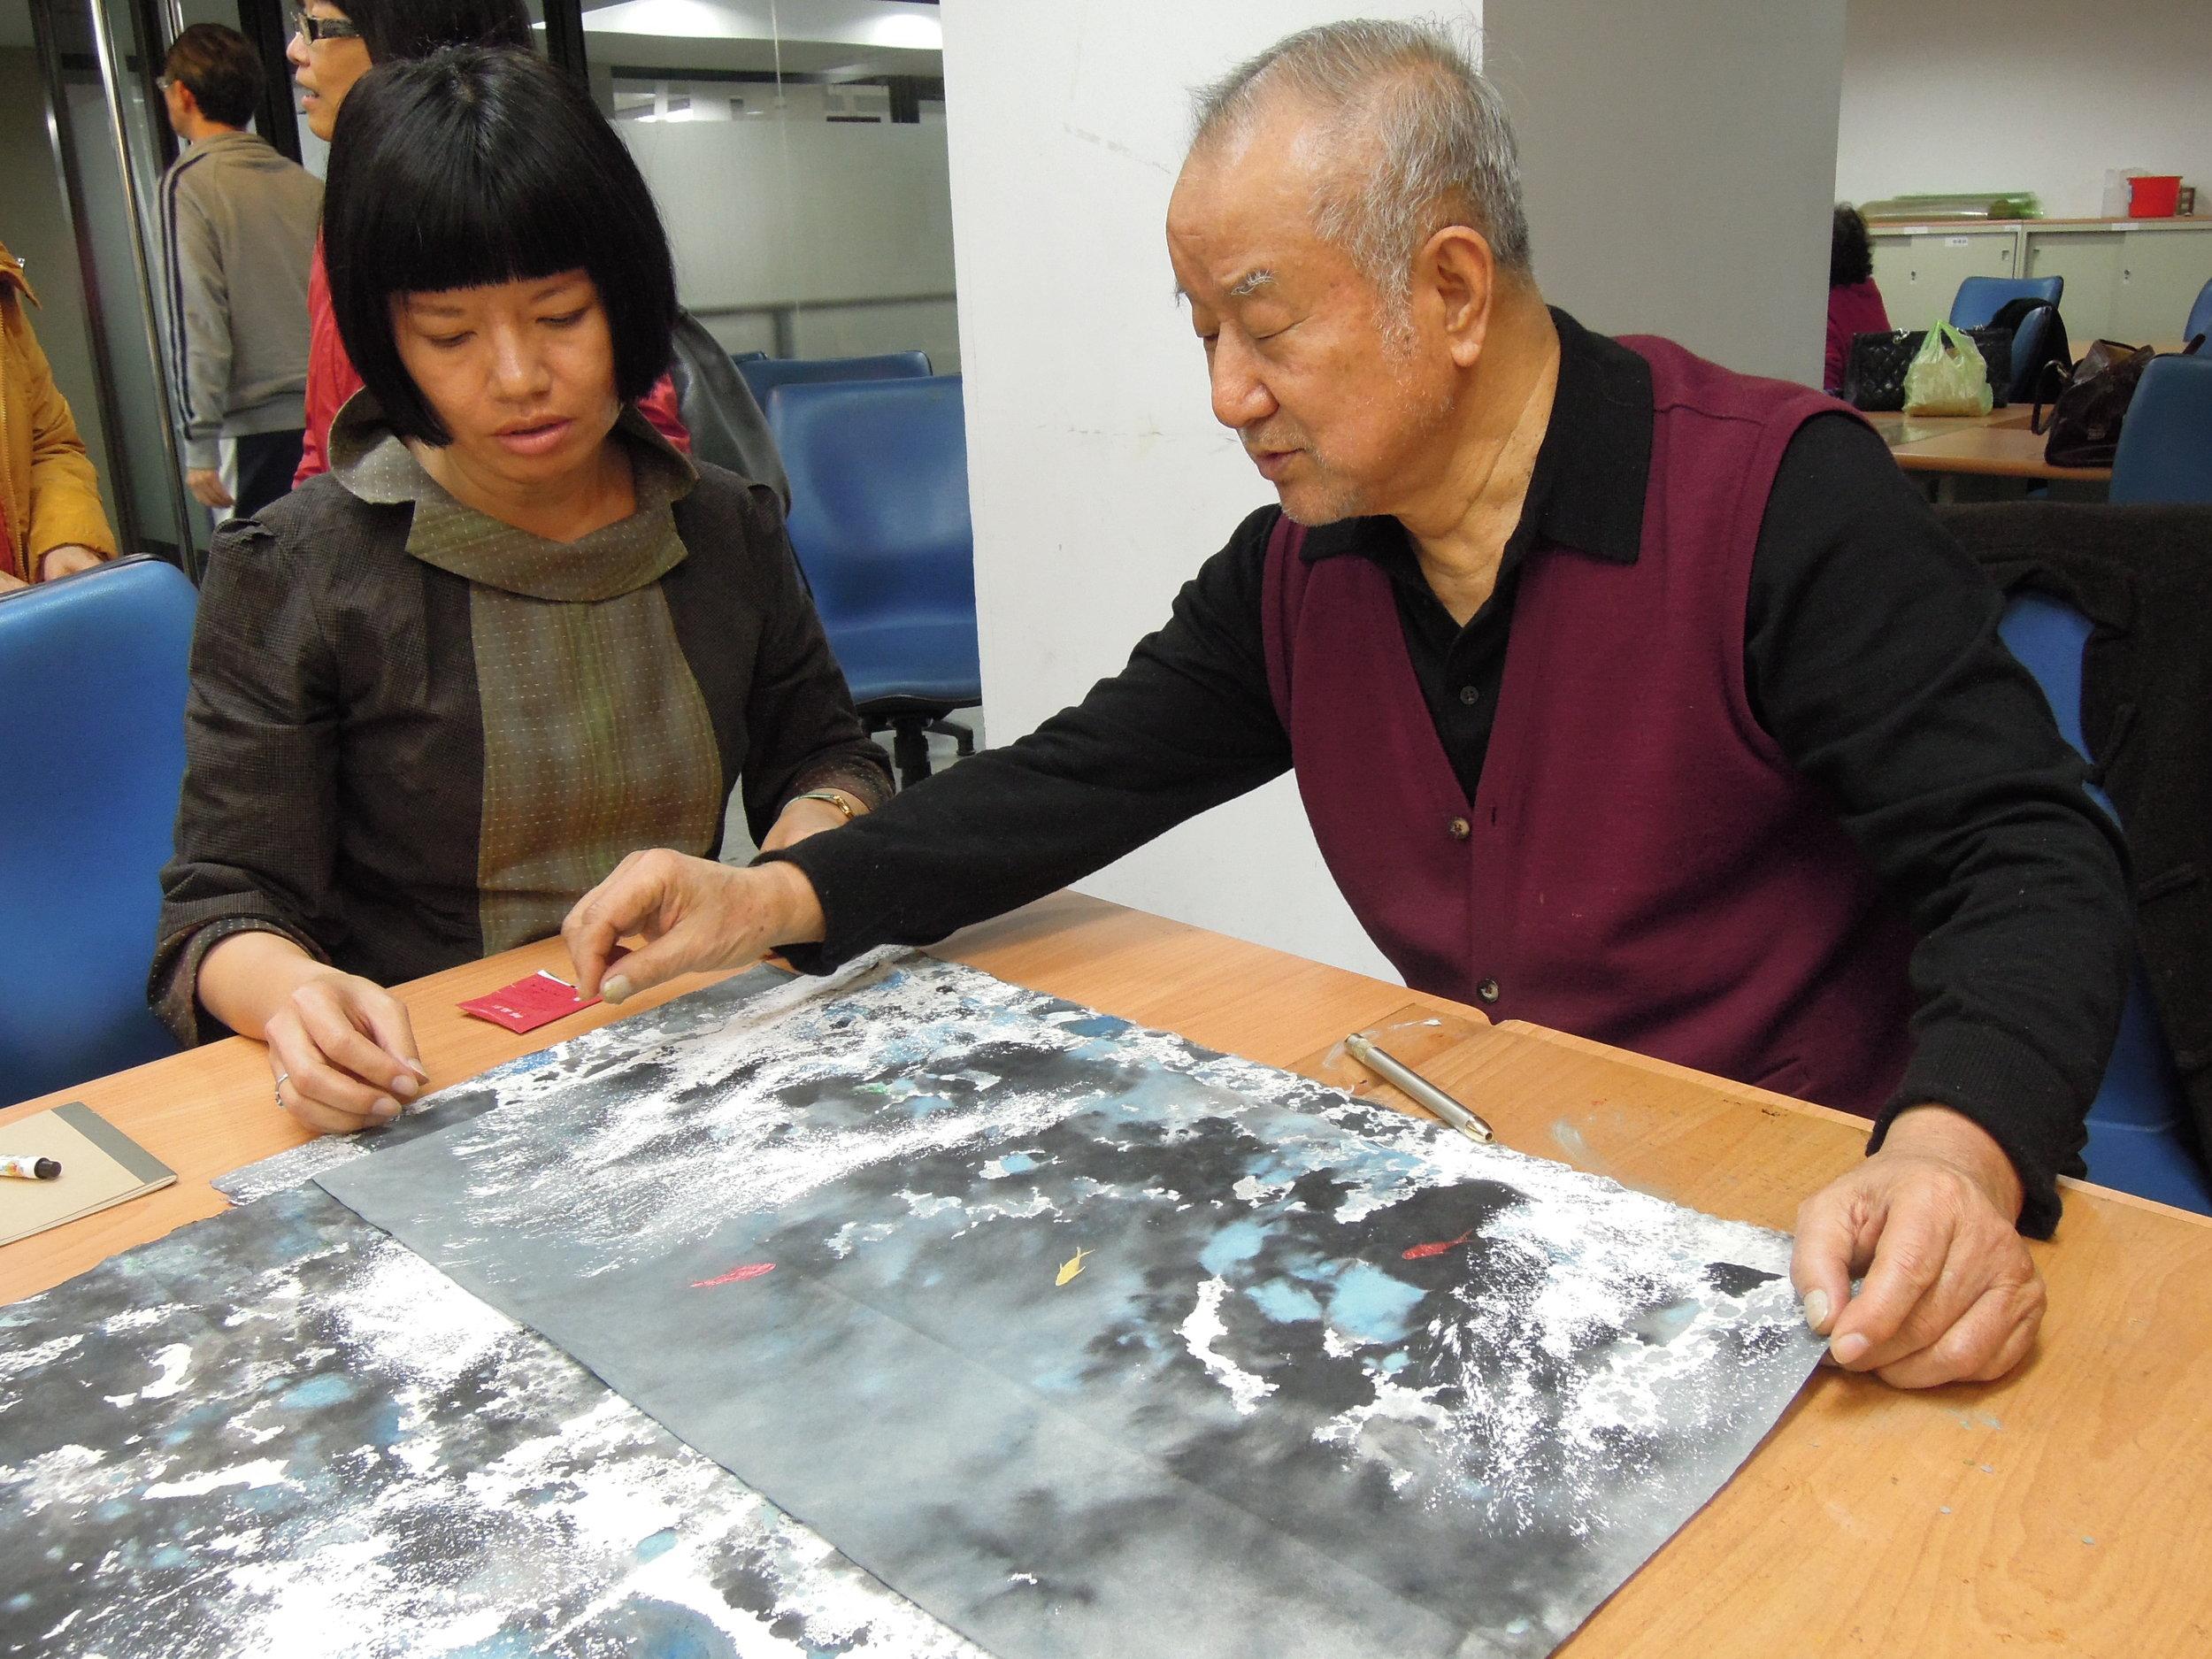 2014/2/12 現代水墨研究班 ─ 劉國松老師指導學生江心靜